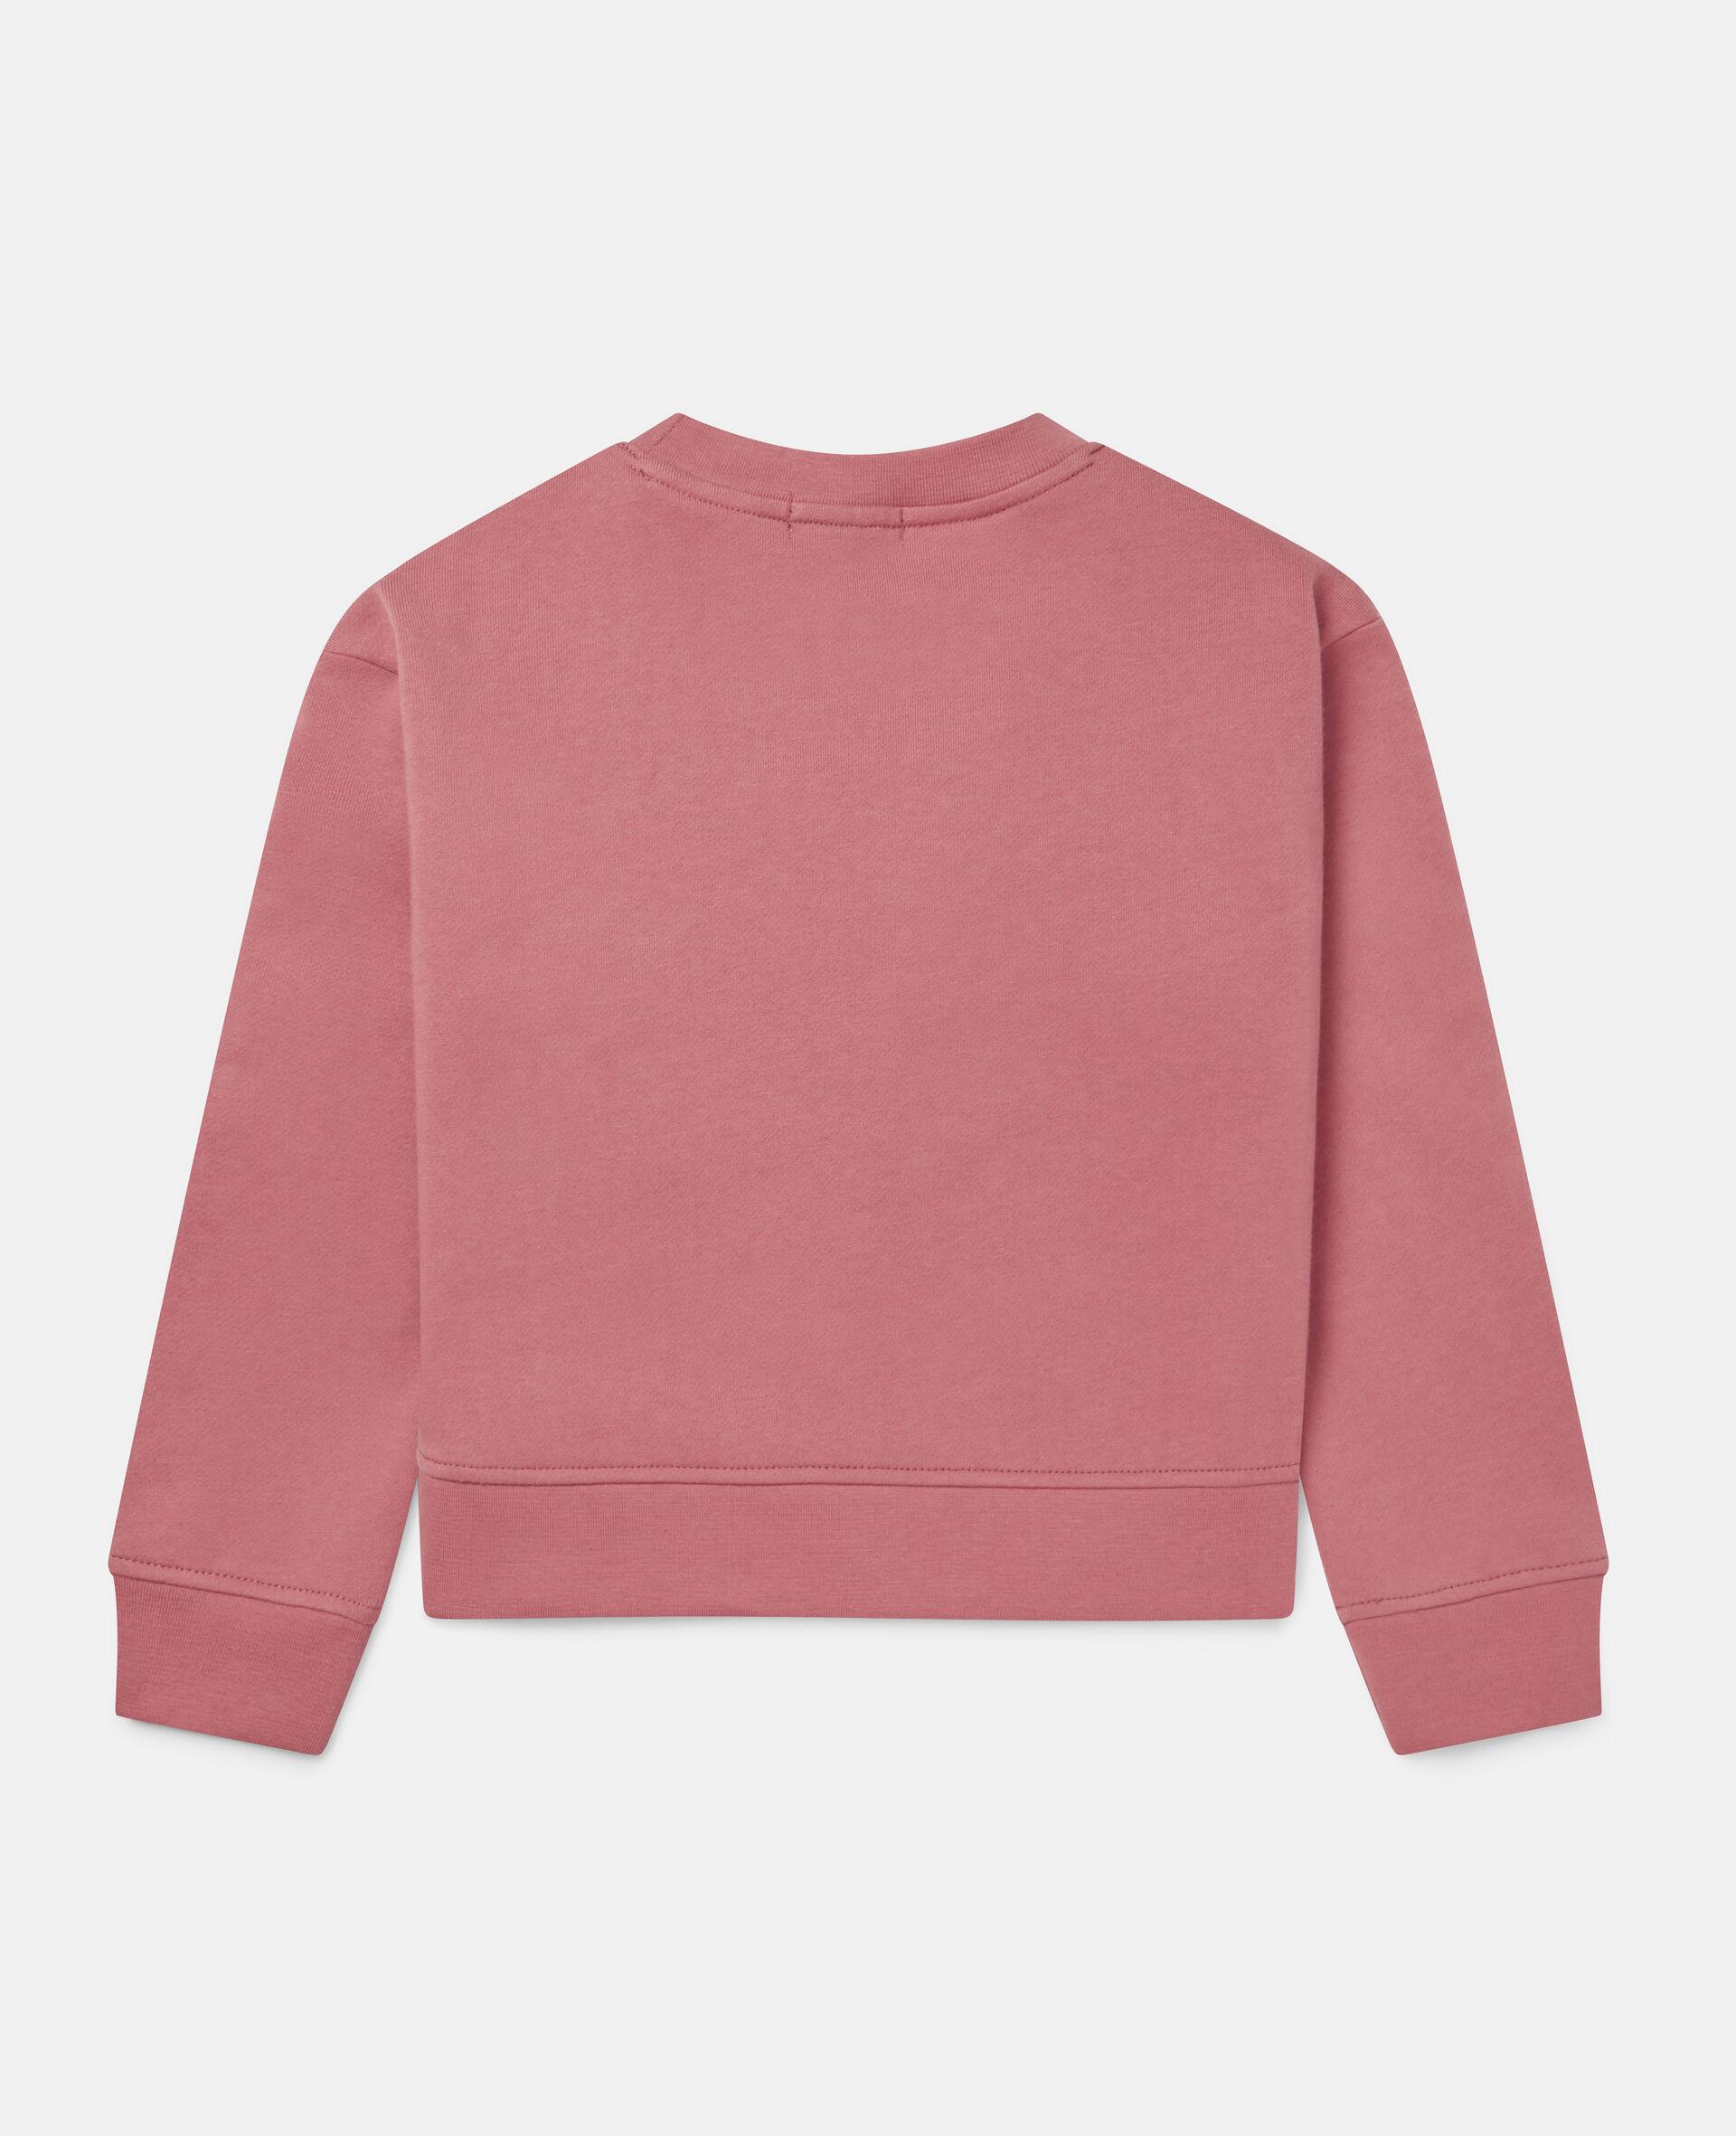 Oversized Fleece Sweatshirt-Red-large image number 3